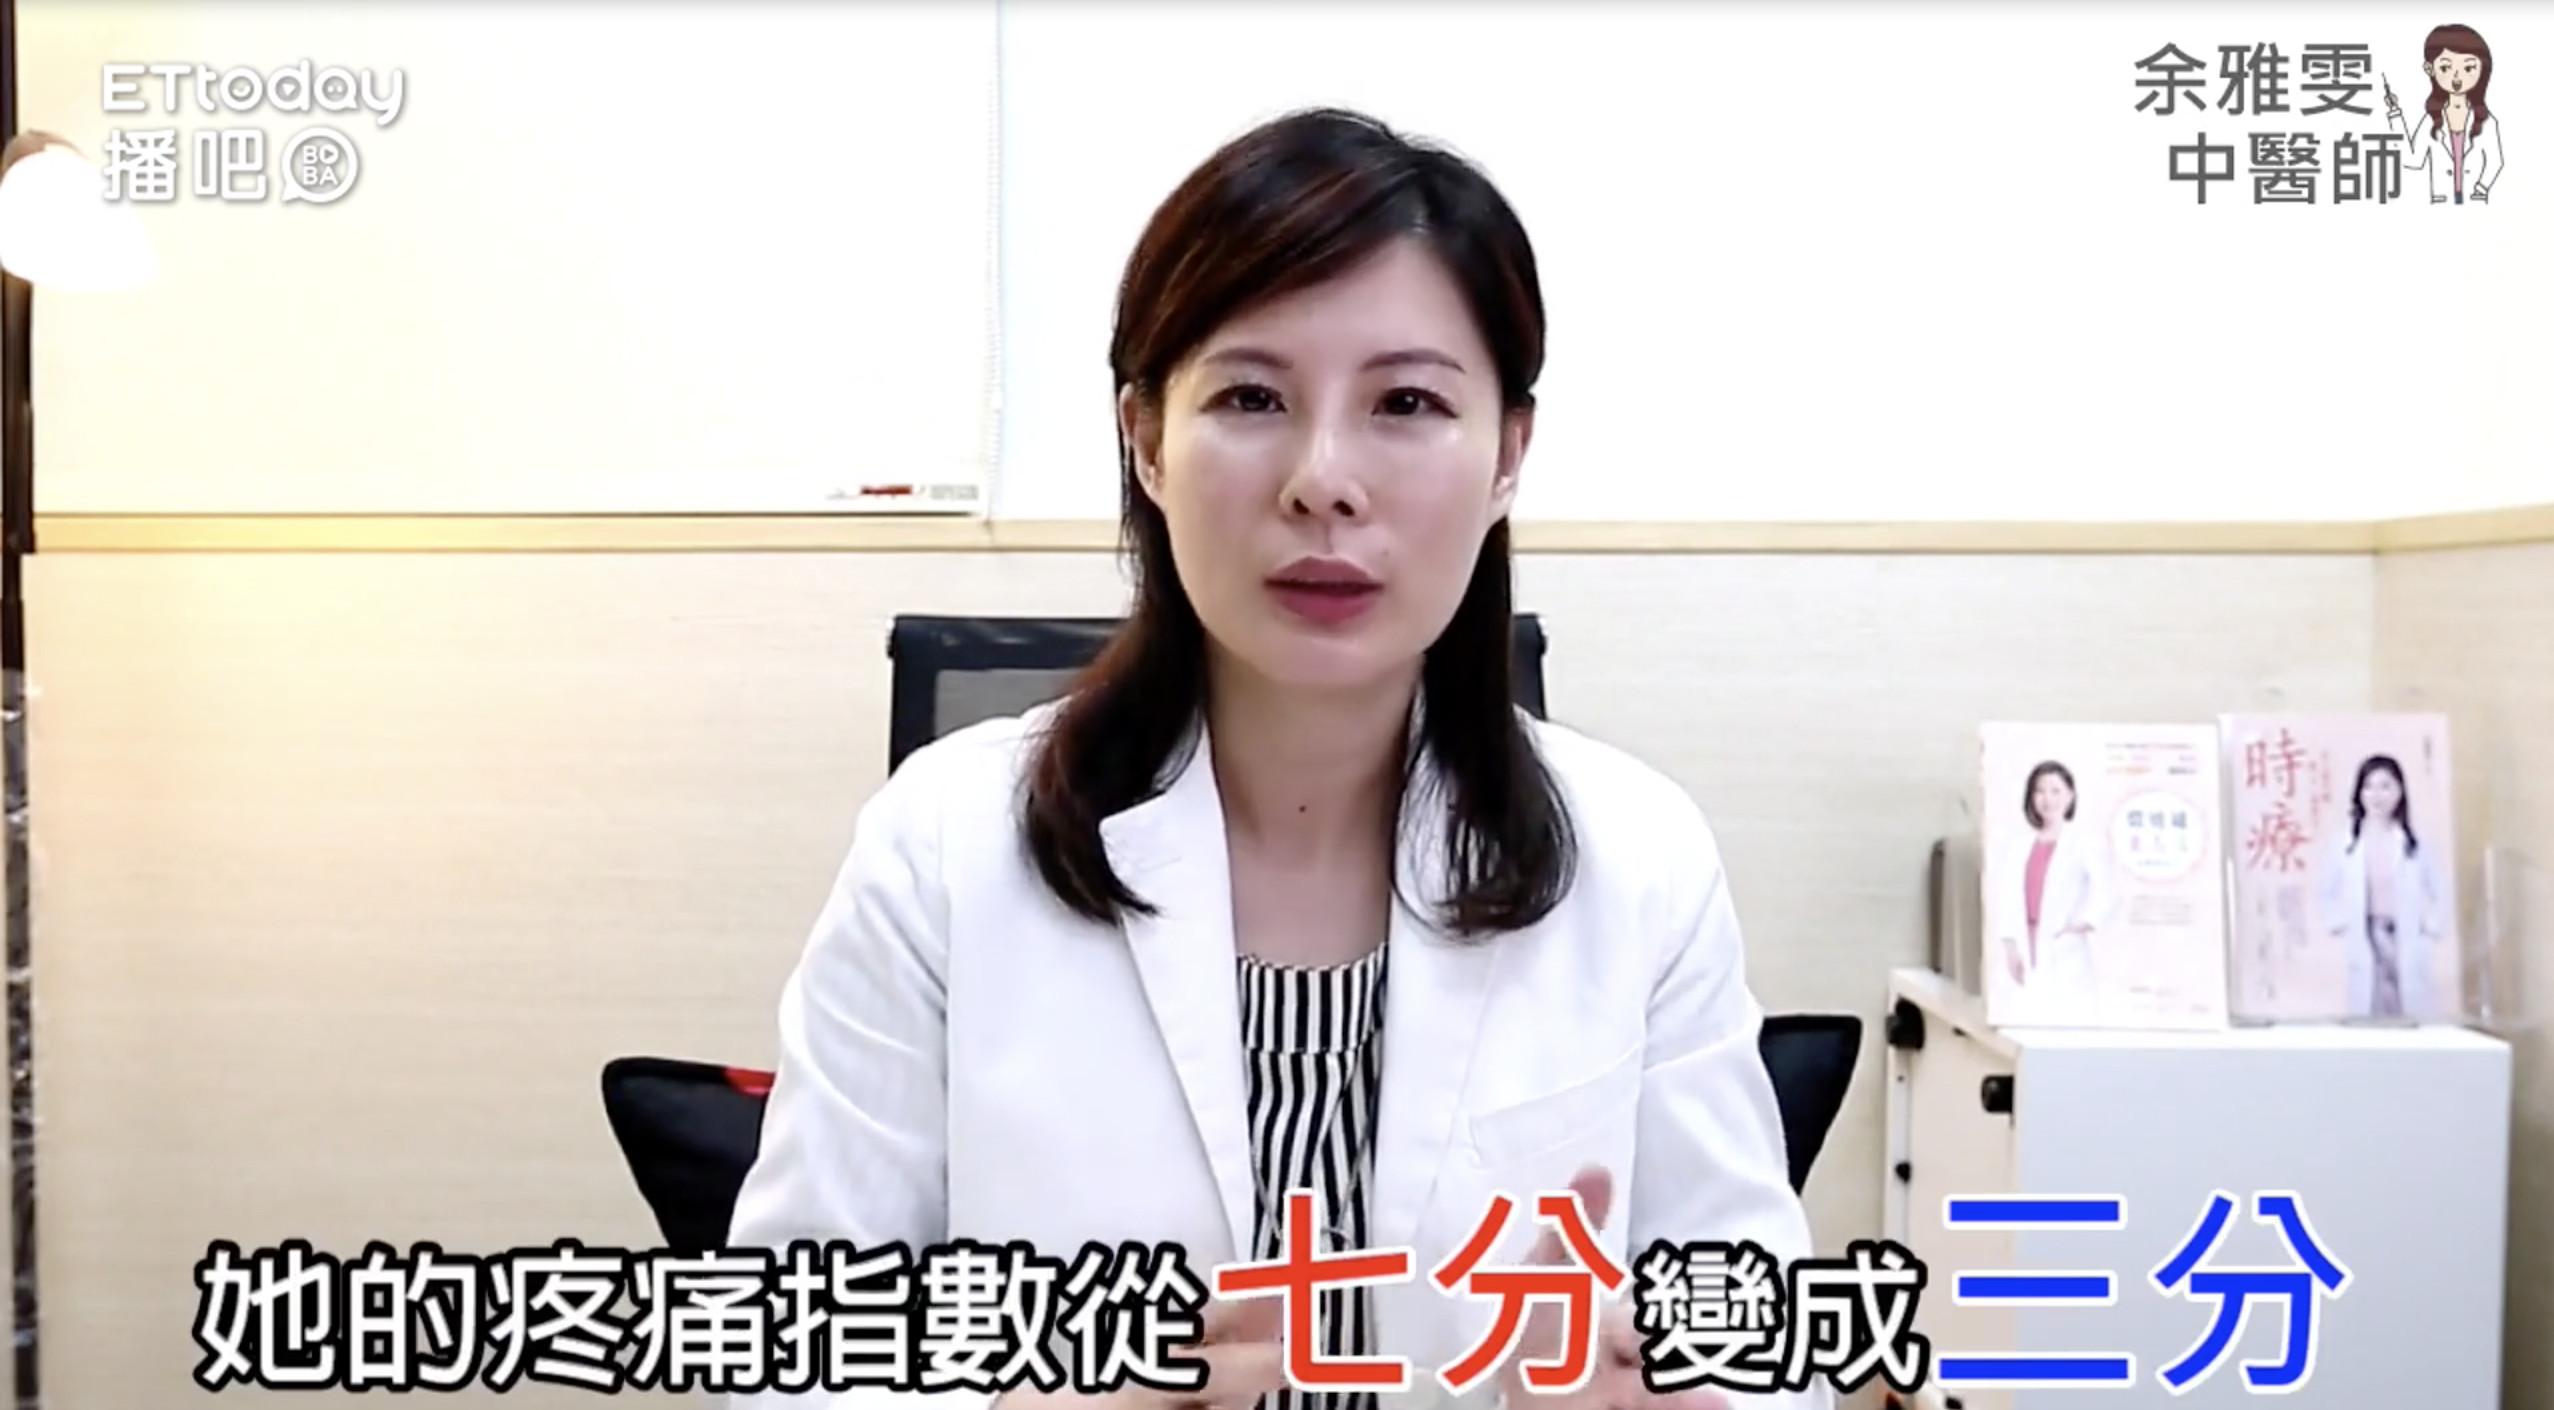 治腰痛还能让身体变年轻! 中医师曝「两招」不怕上班族过操